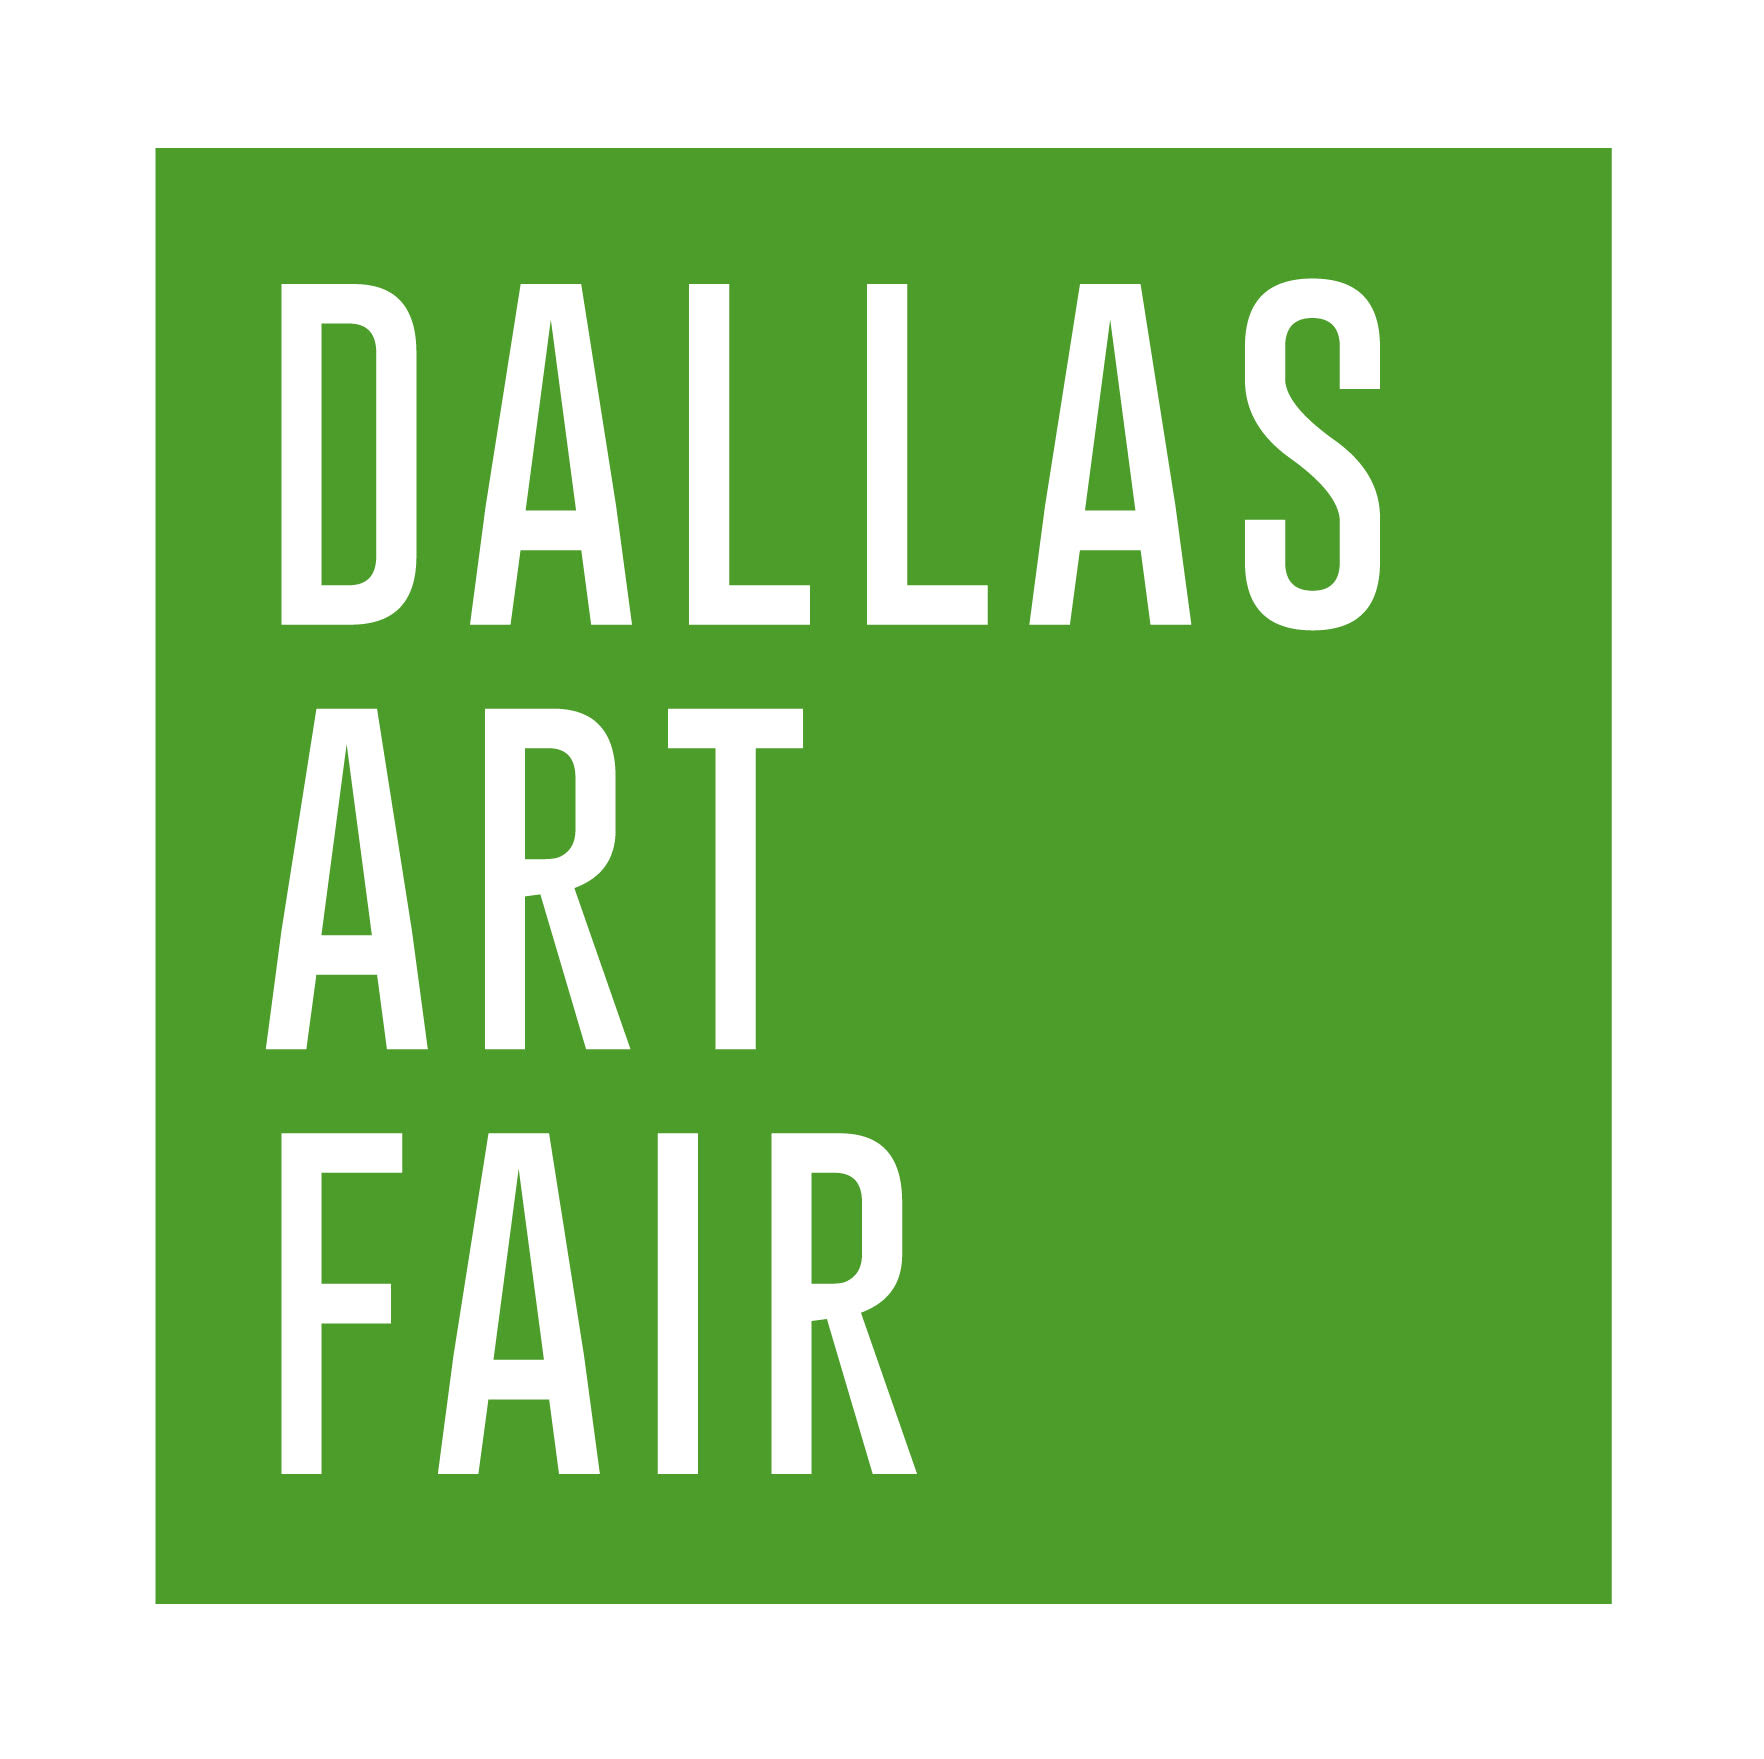 dalas art fair logo